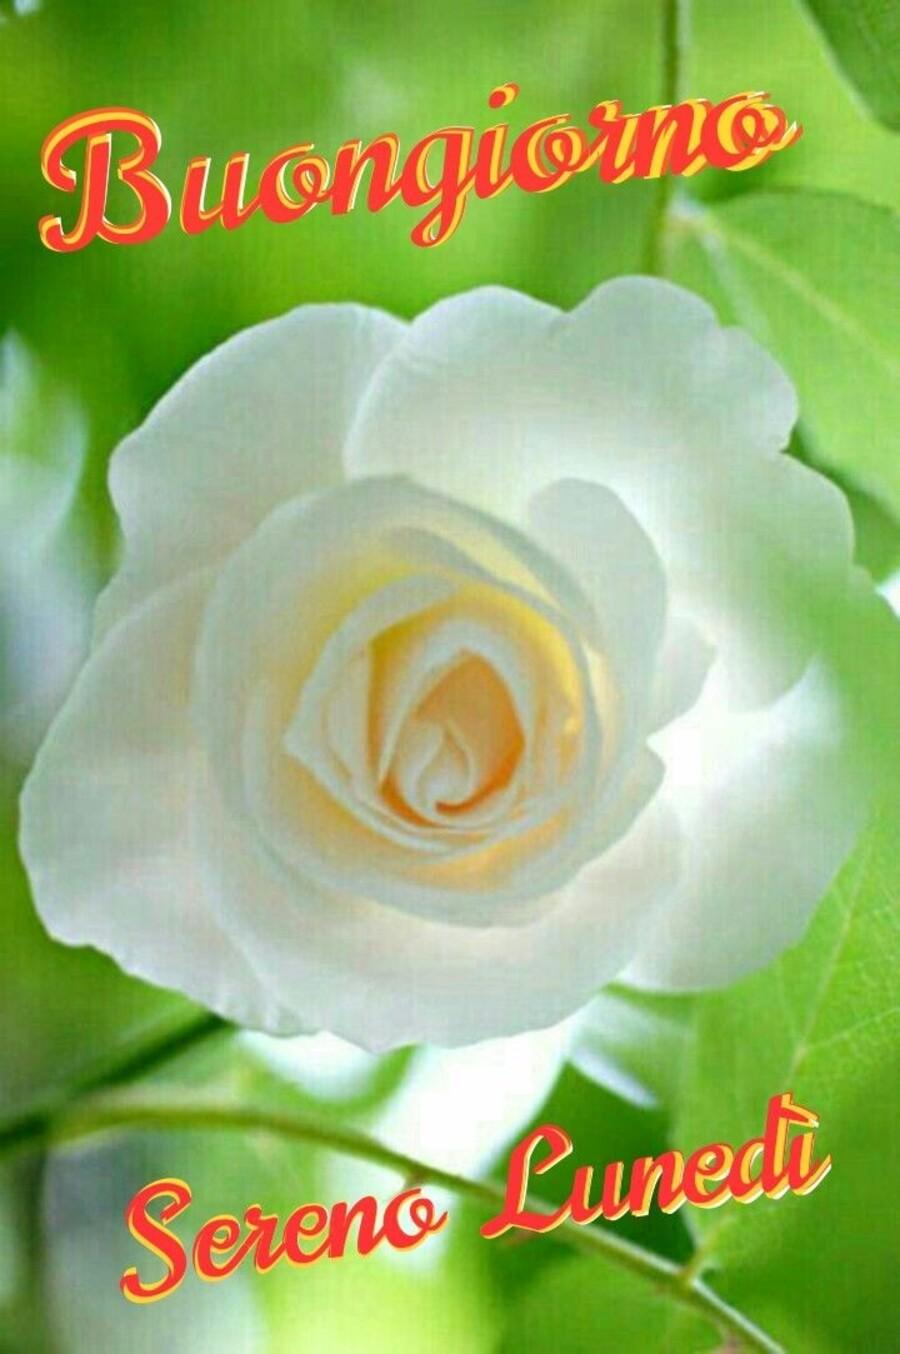 Buongiorno buon lunedì rosa bianca - Buongiorni.it